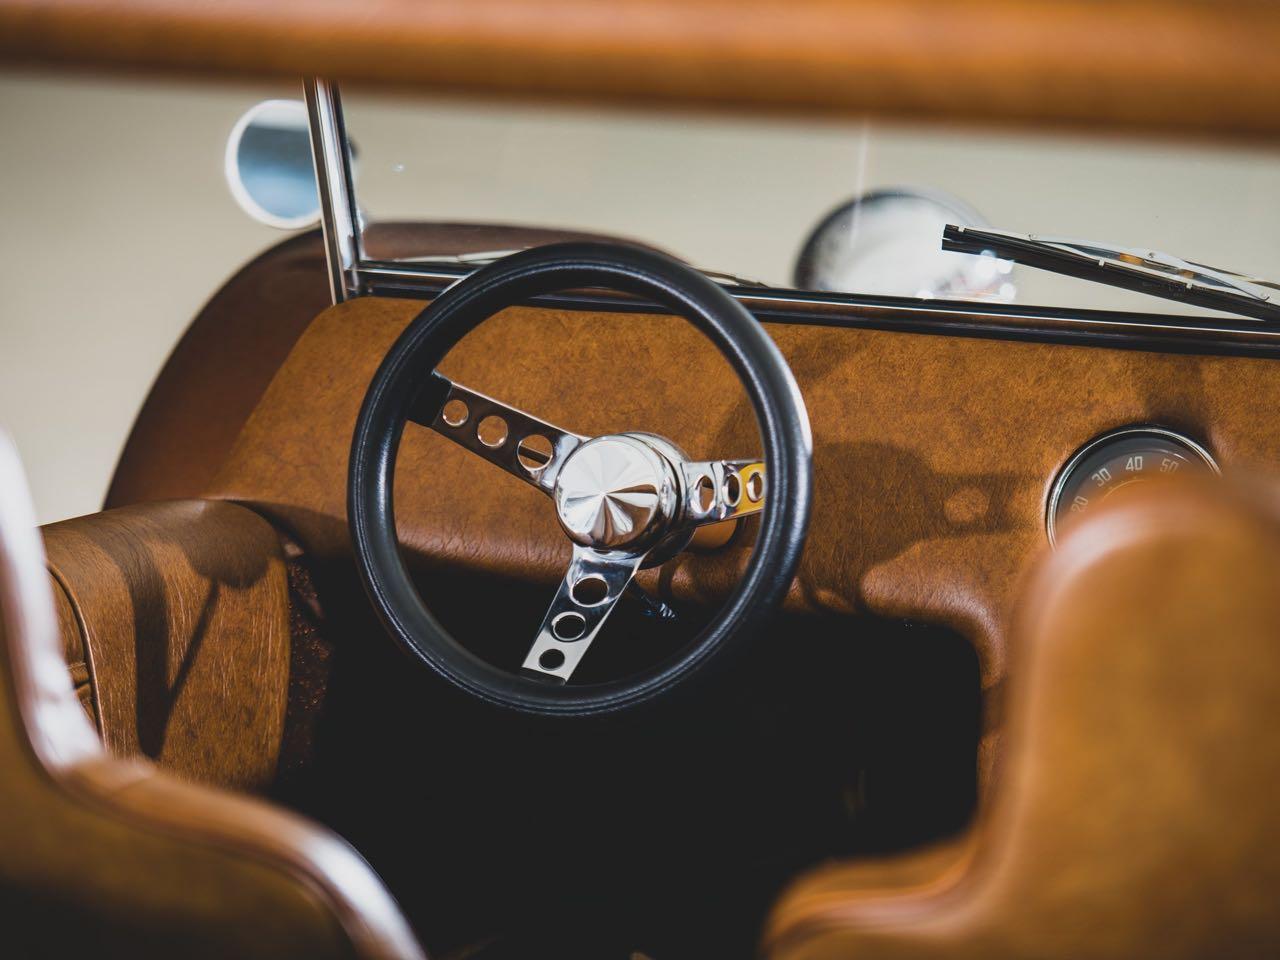 1971 Mangosta Sport Buggy - Délire V.I.P ! 11